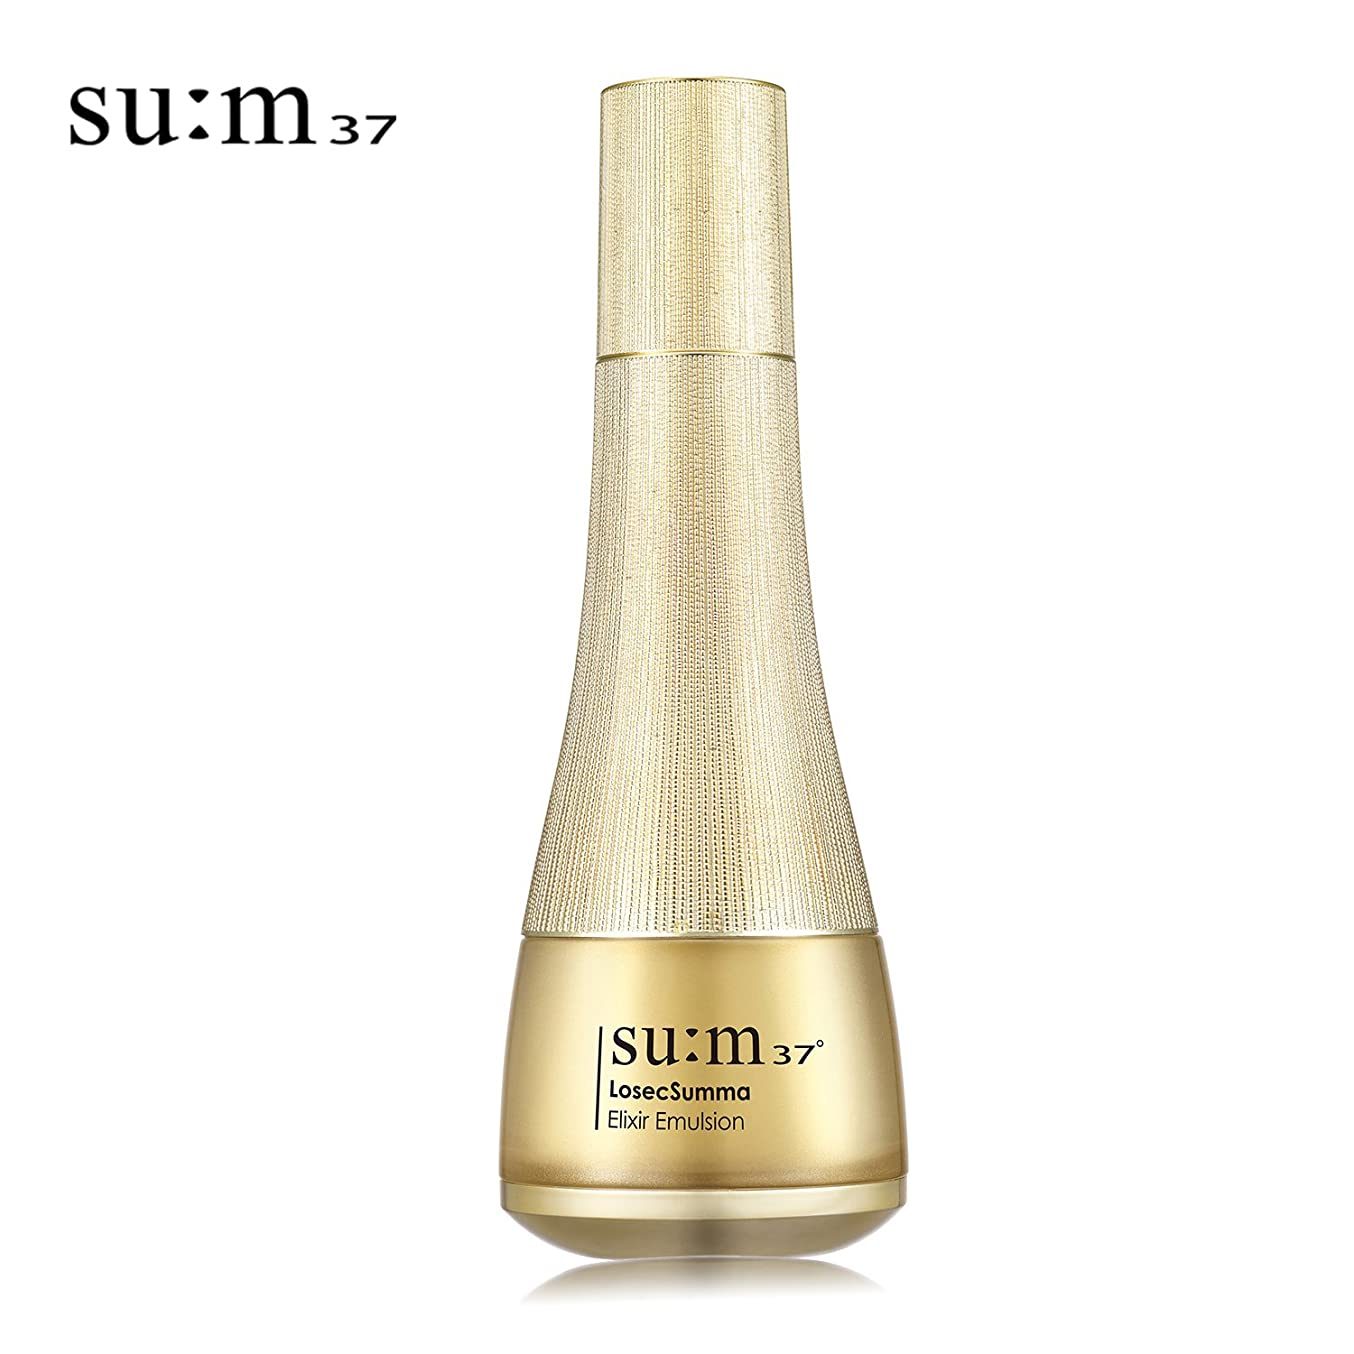 祭司作りプロトタイプ[su:m37/スム37°]Sum37 LOSEC SUMMA ELIXIR emulsion 130 ml/スム37 LOSEC SUMMA ELIXIR エマルジョン 130ml + [Sample Gift](海外直送品)